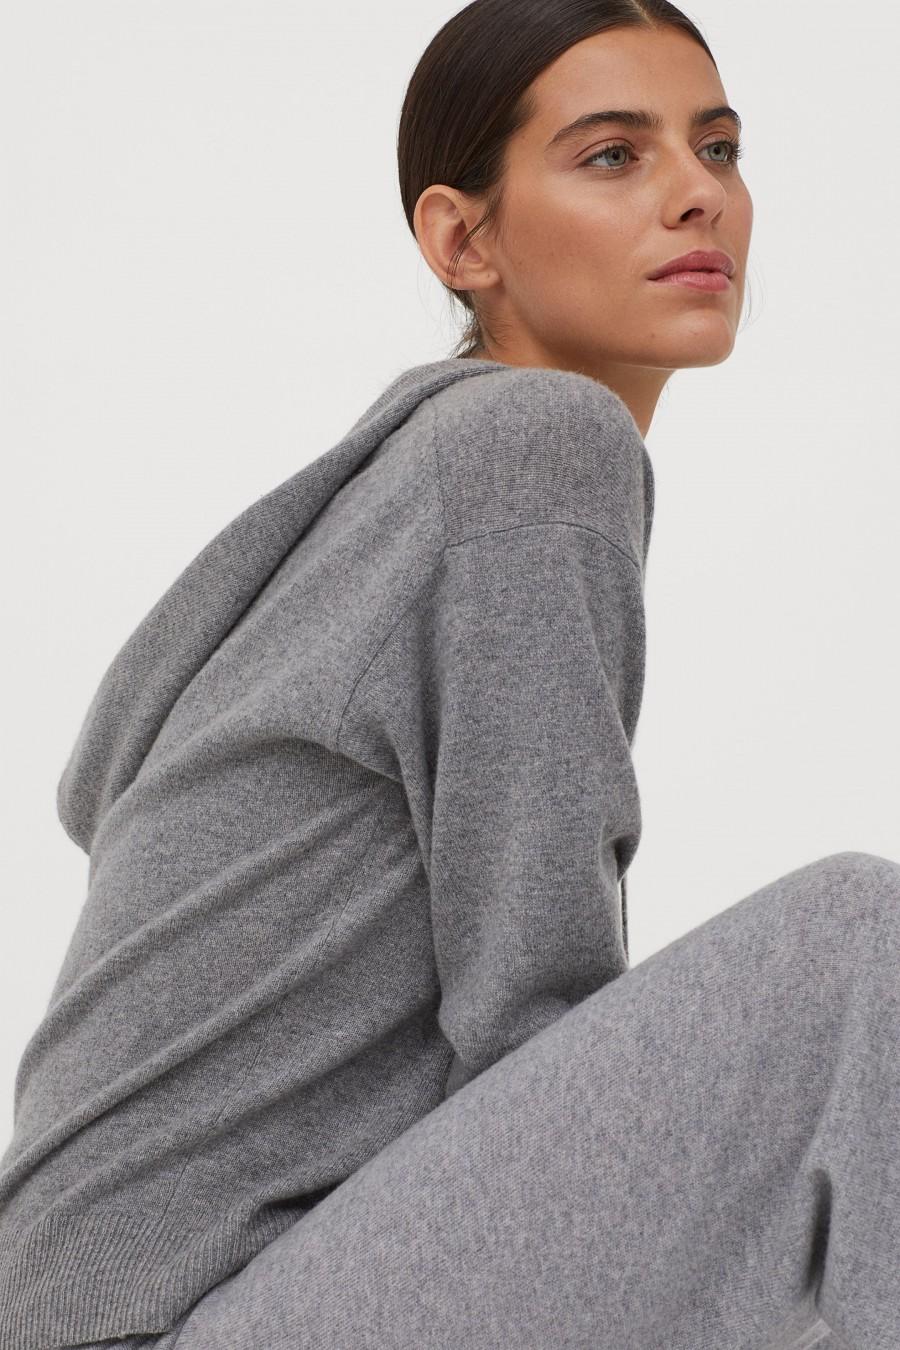 h&M cashmere set